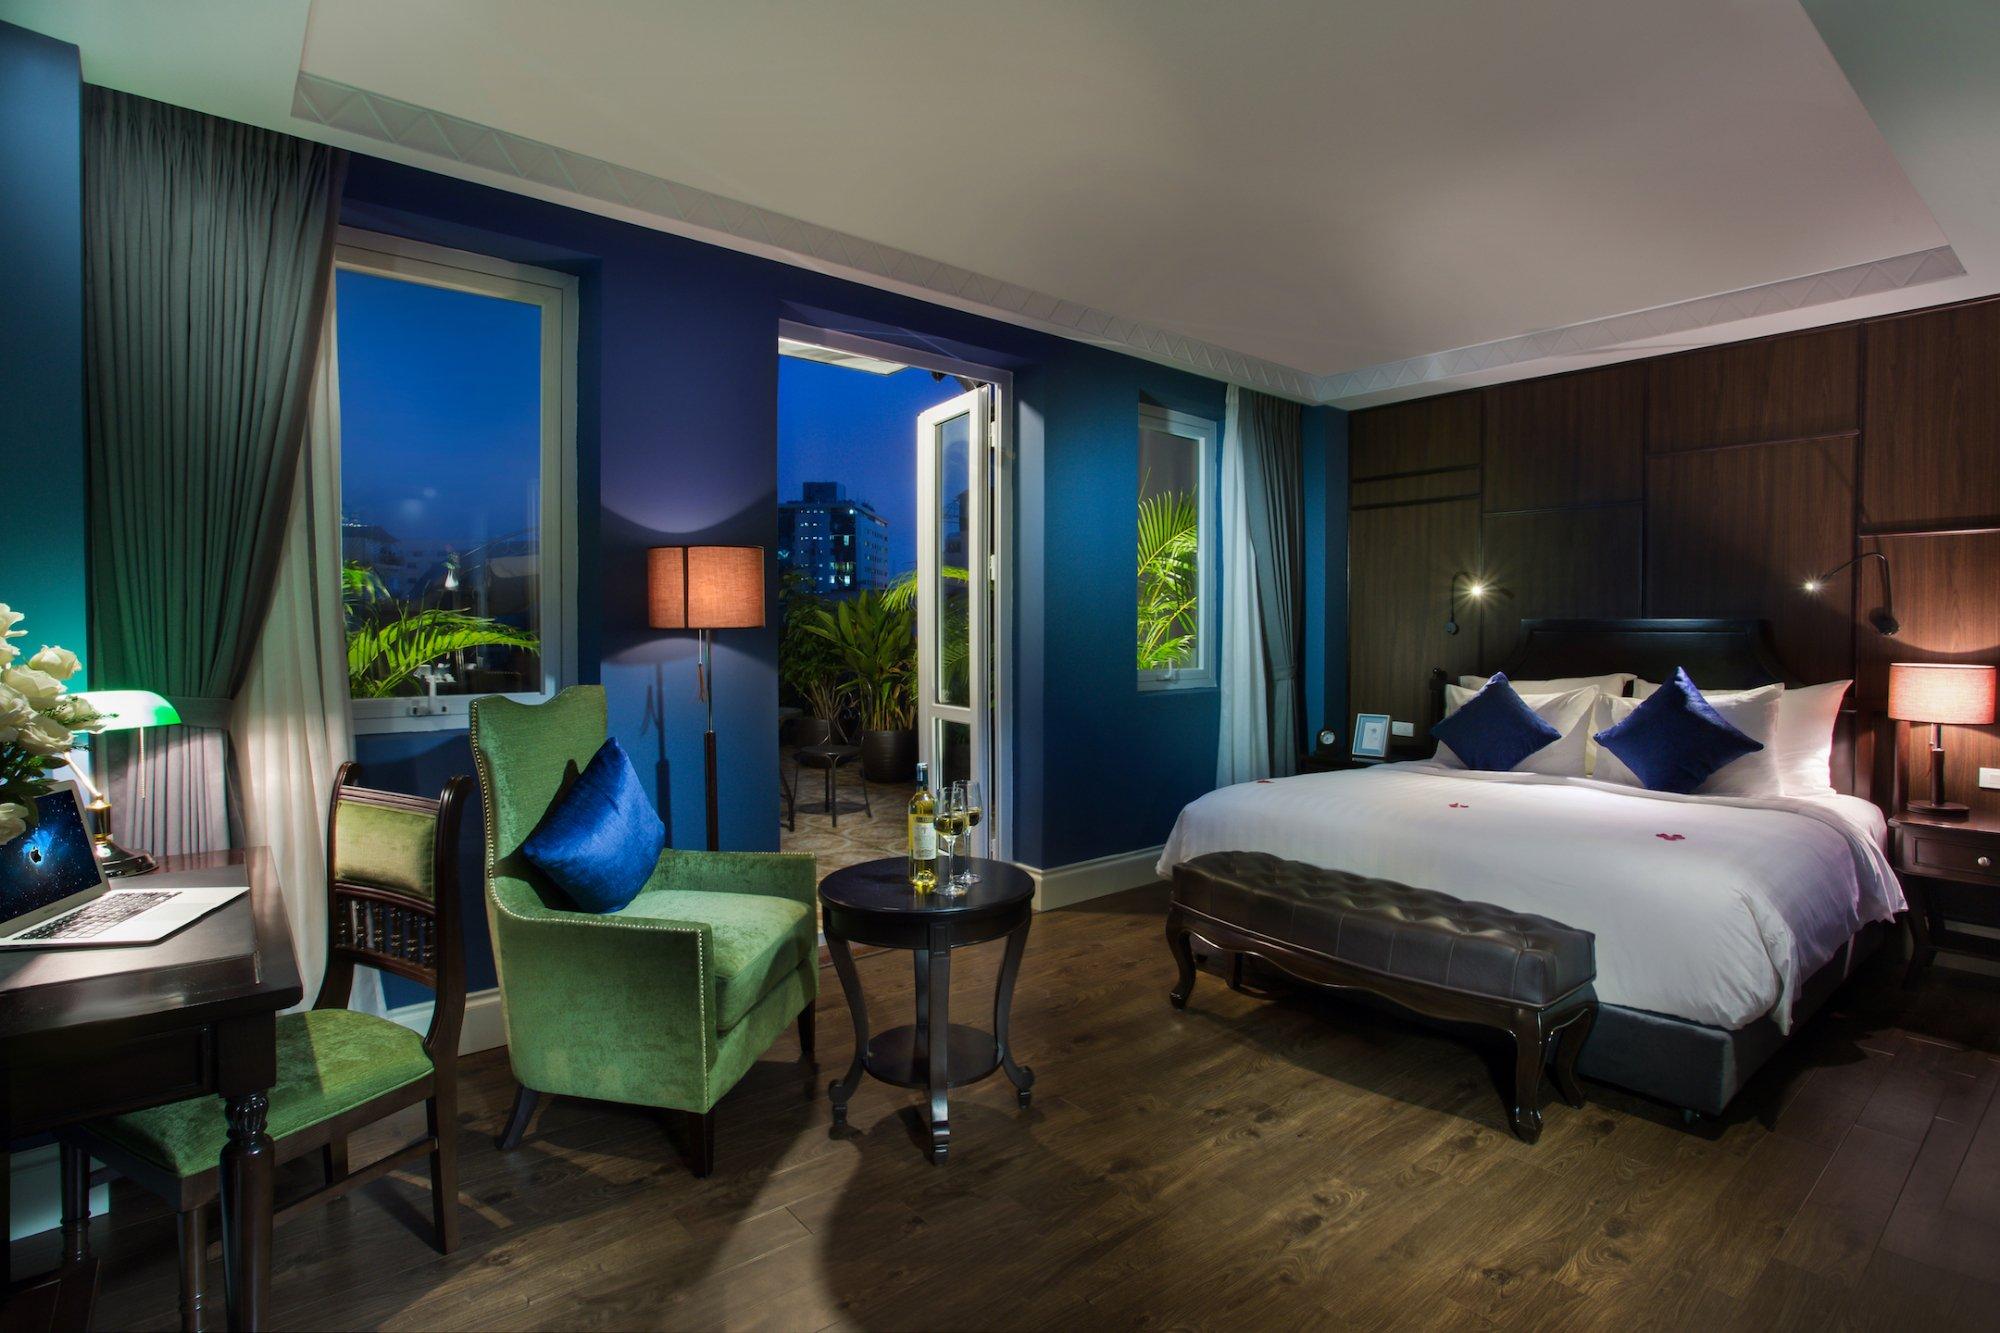 O GALLERY PREMIER HOTEL & SPA $94 $̶1̶3̶6̶ Updated 2018 Prices